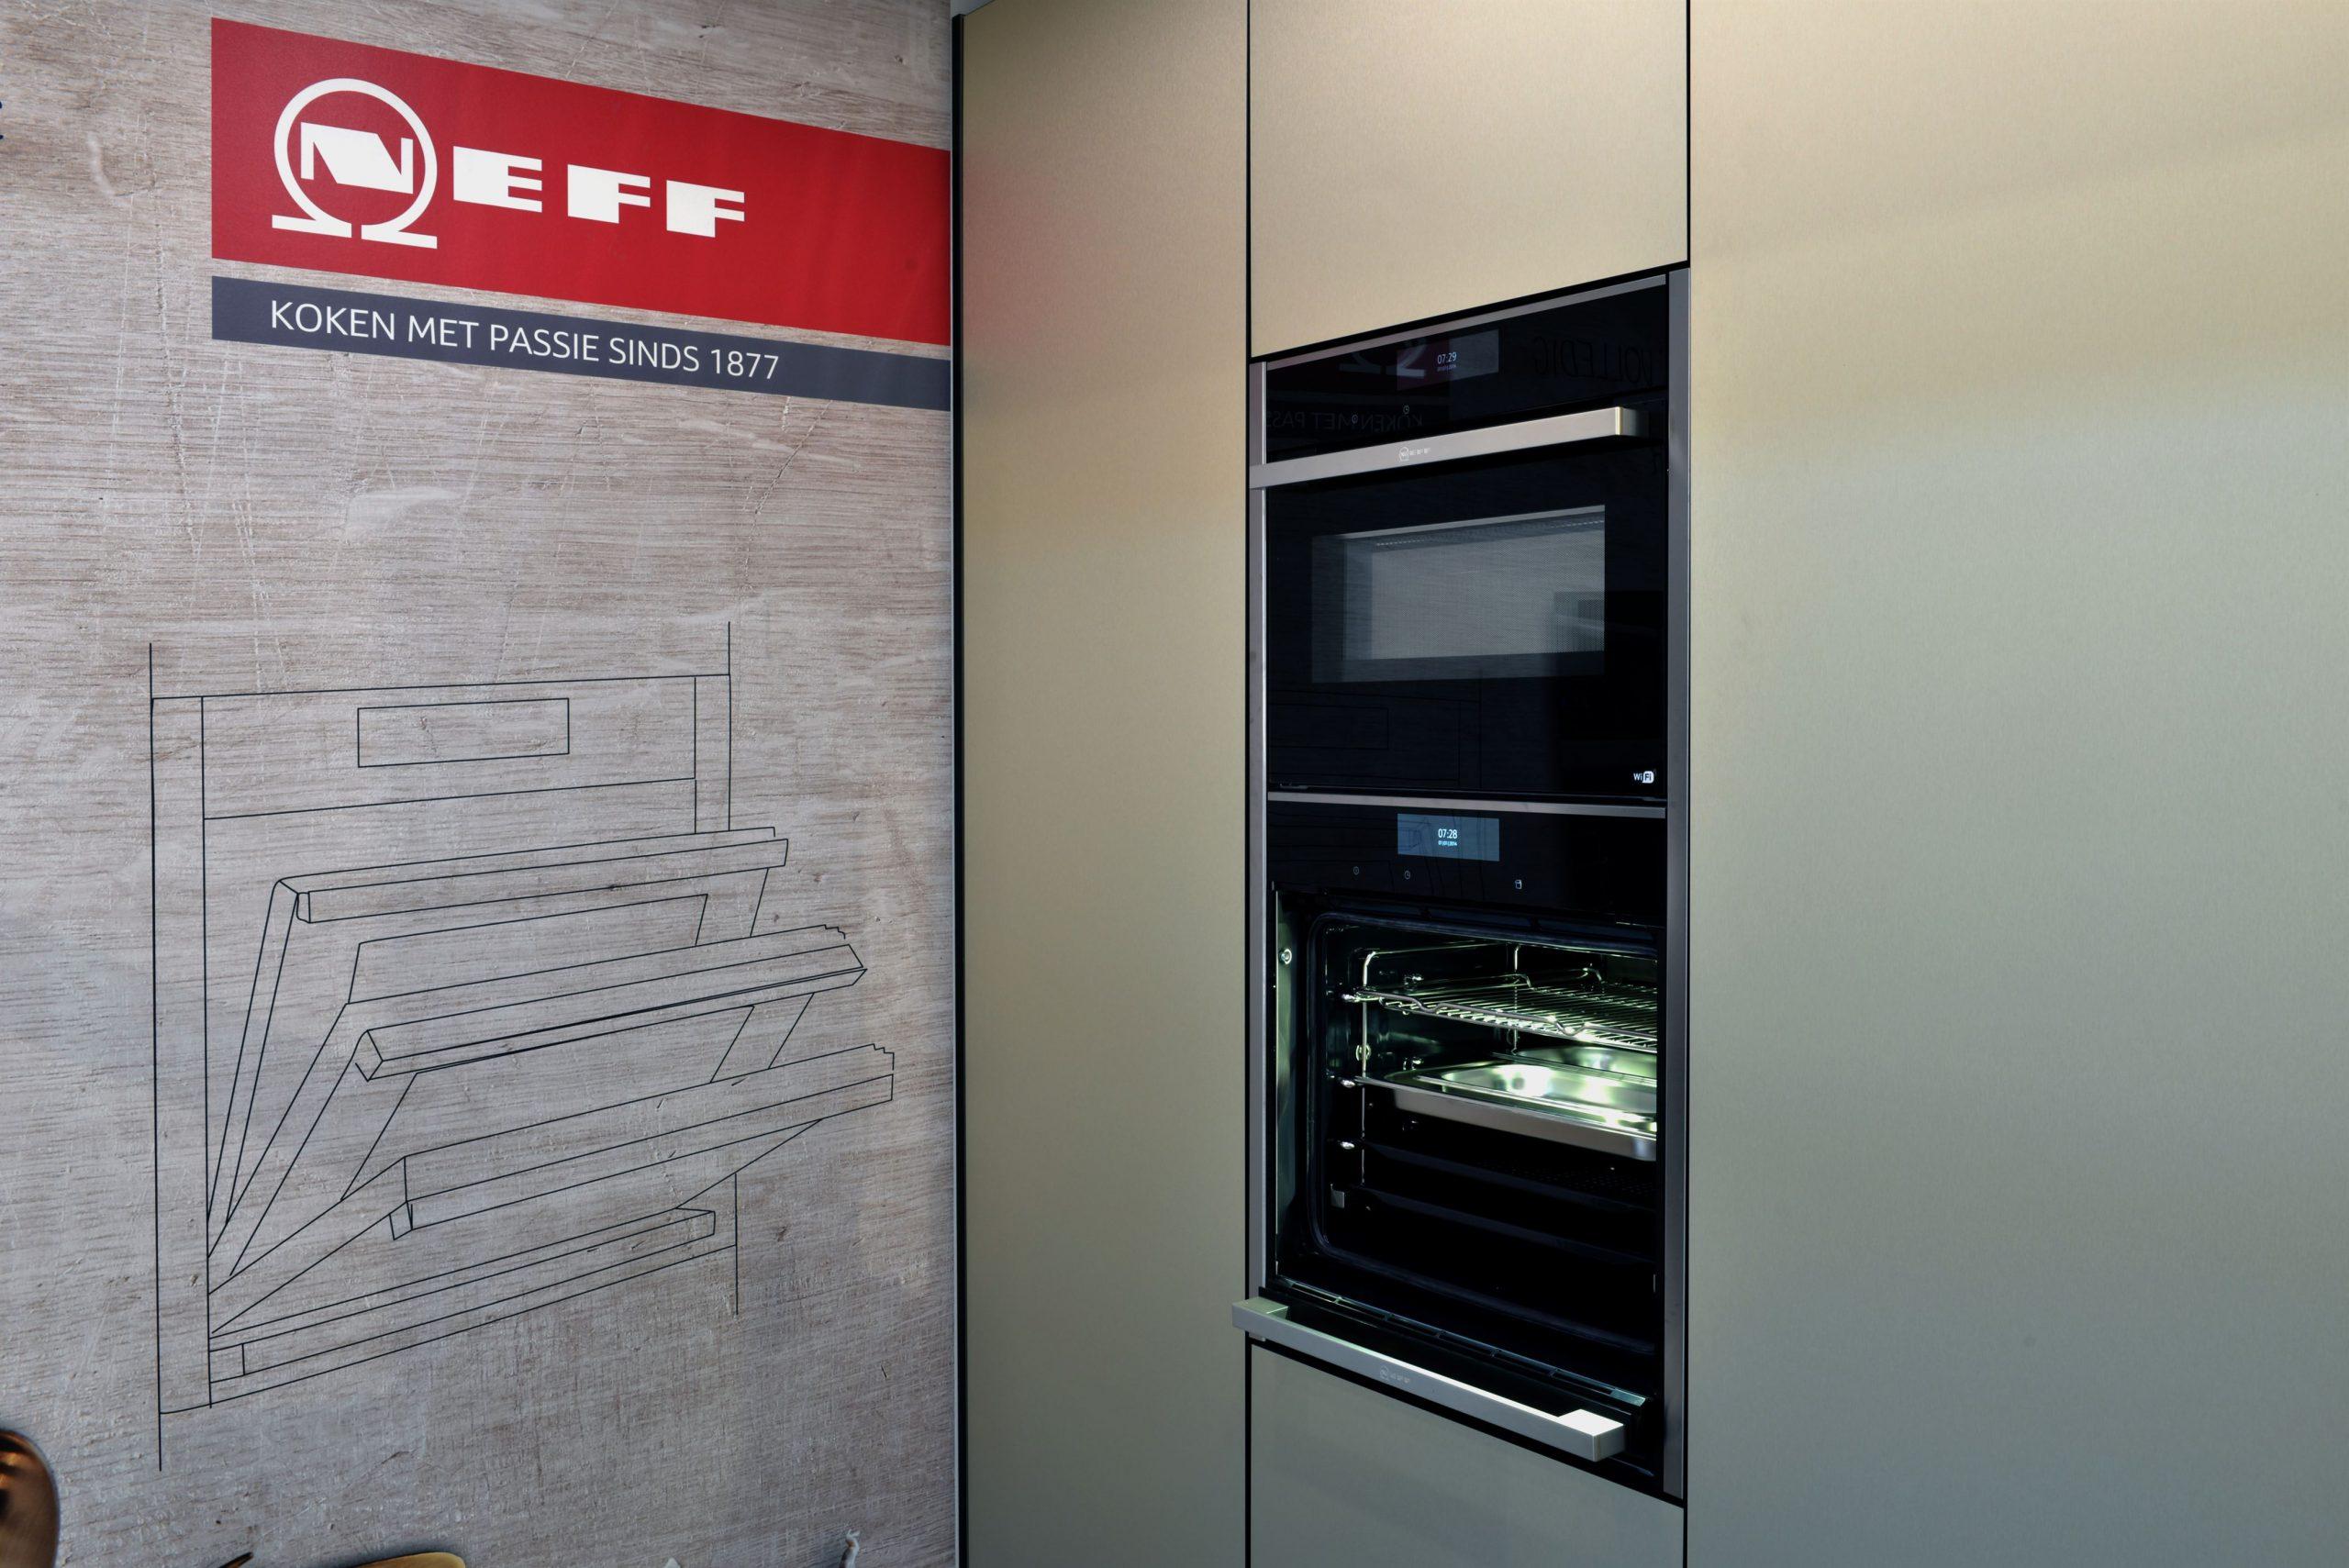 Neff inbouw aparatuur, oven met inschuifbare deur en magnetron